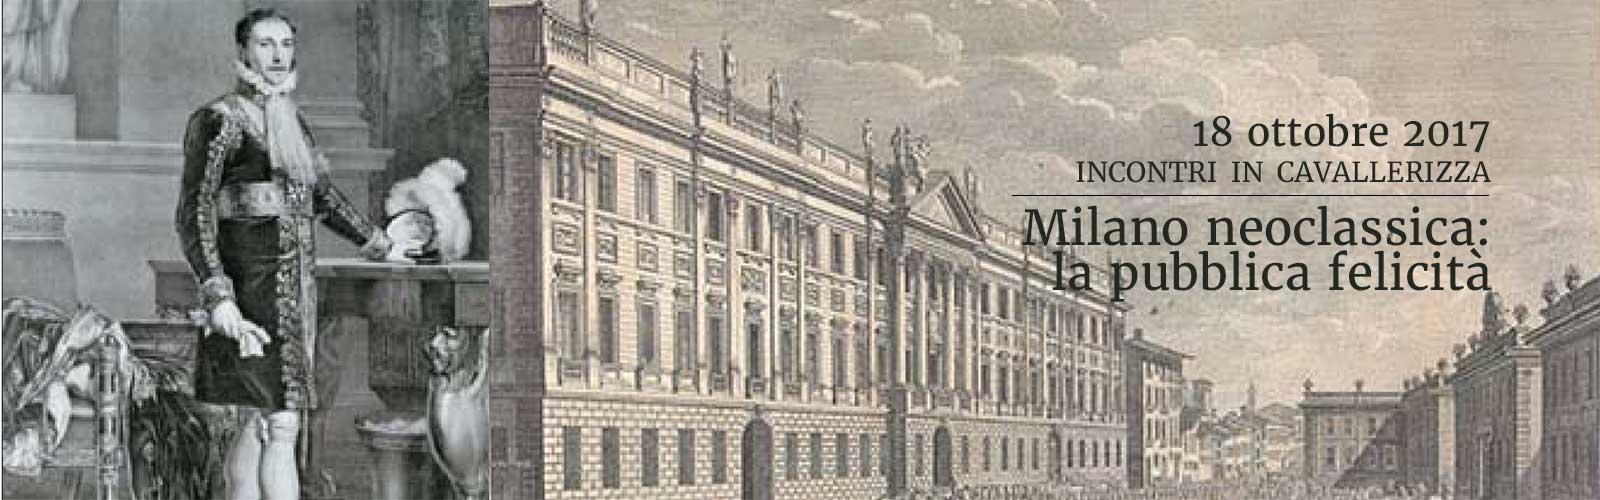 Milano neoclassica: la pubblica felicità